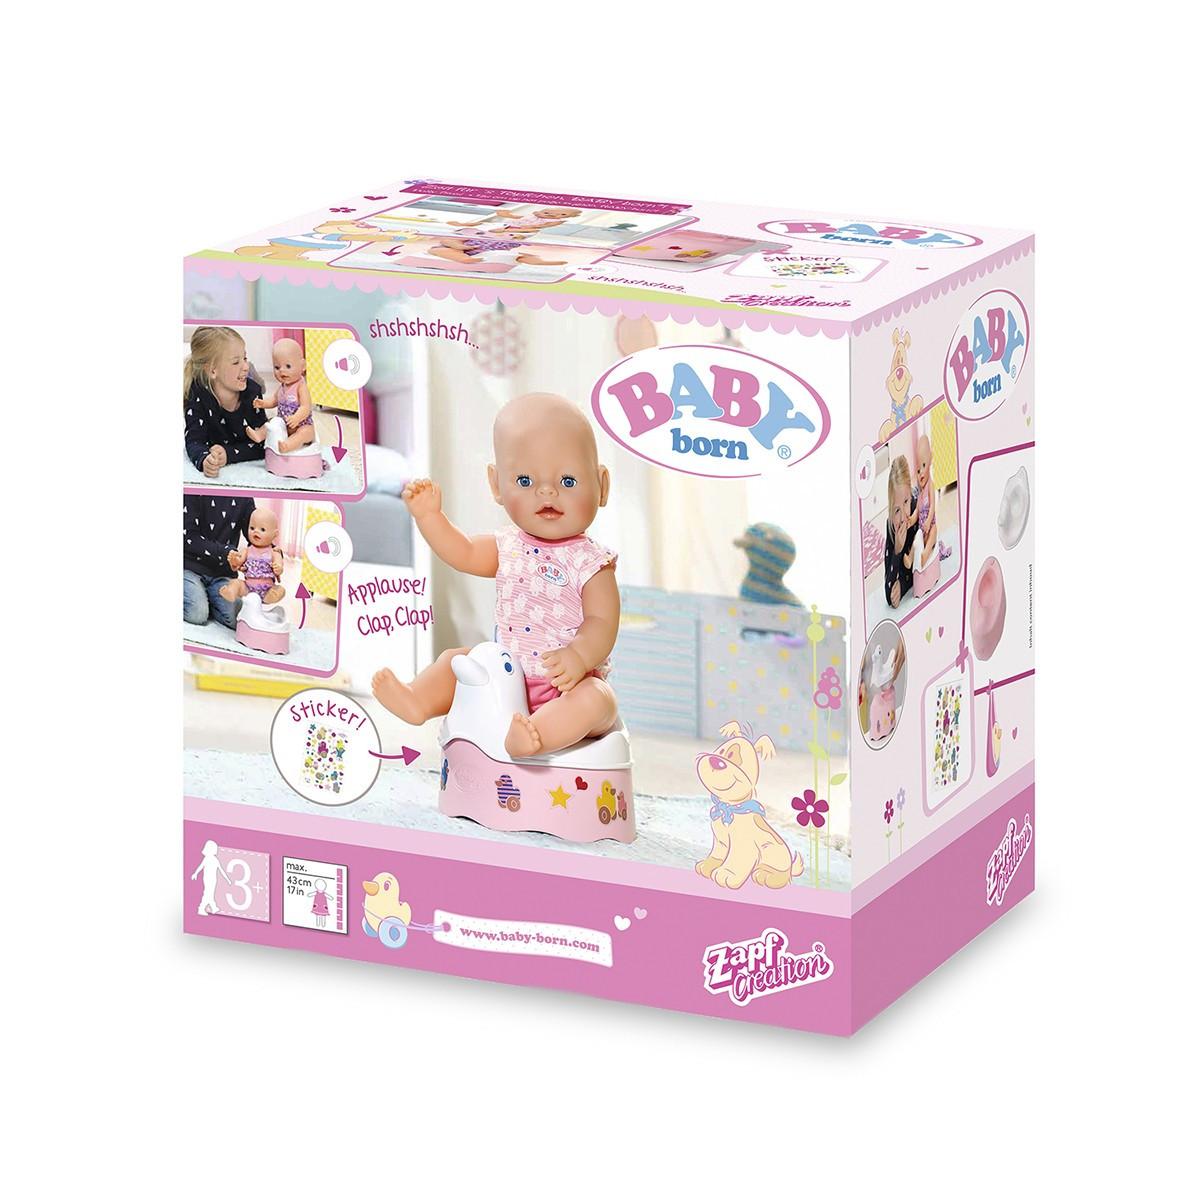 Інтерактивний горщик для ляльки BABY BORN - качечки